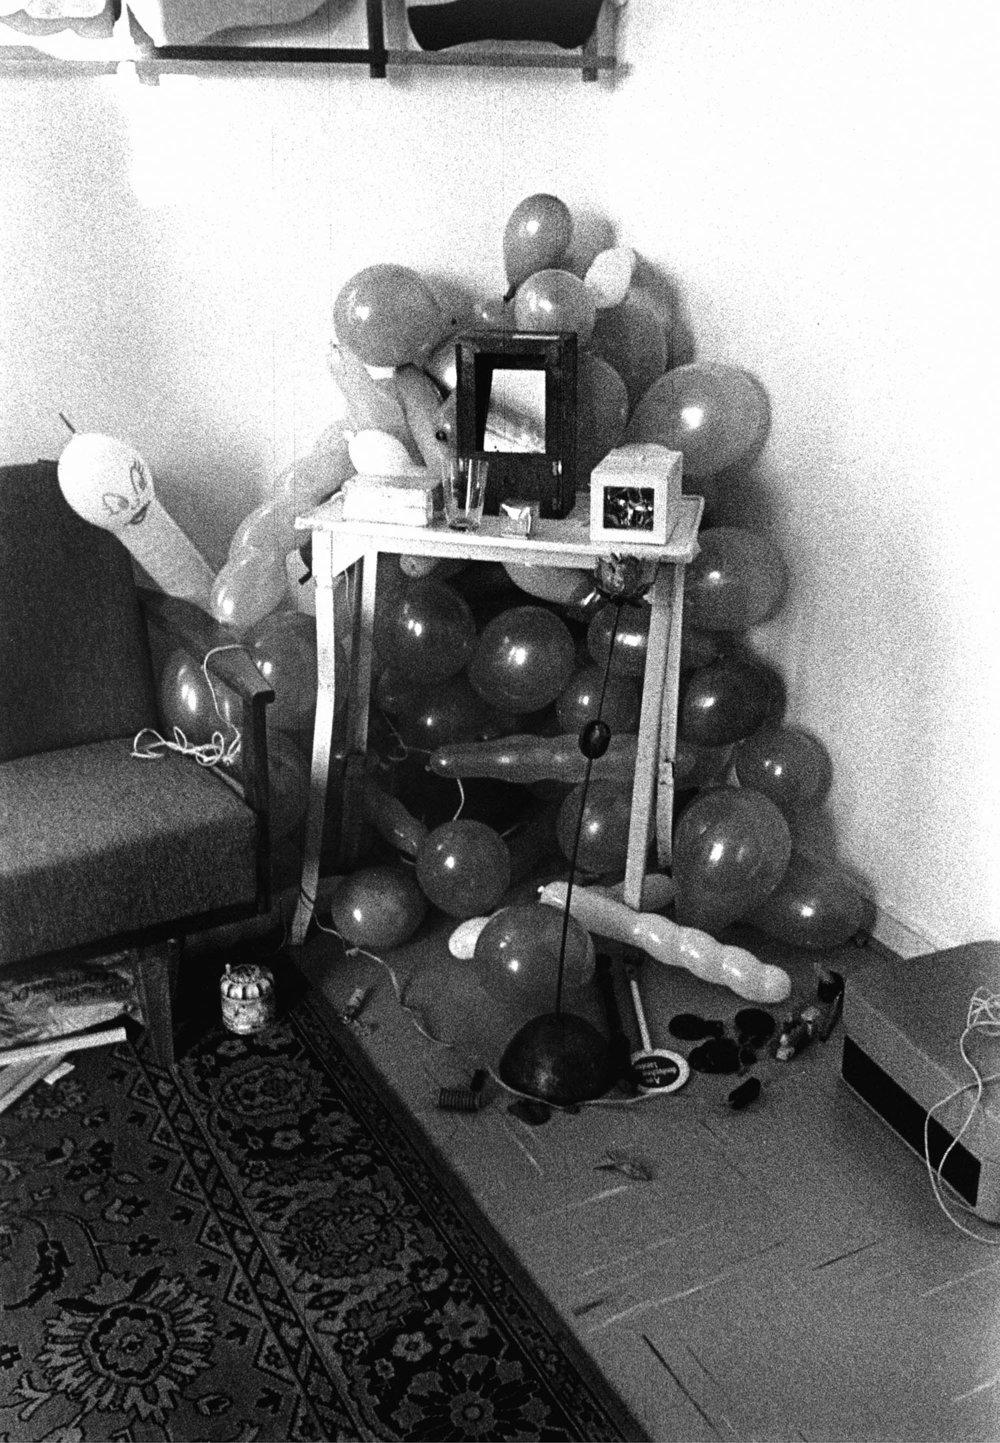 Frisches | 1966/2001 | Fotografie auf Papier | 62 x 41 cm